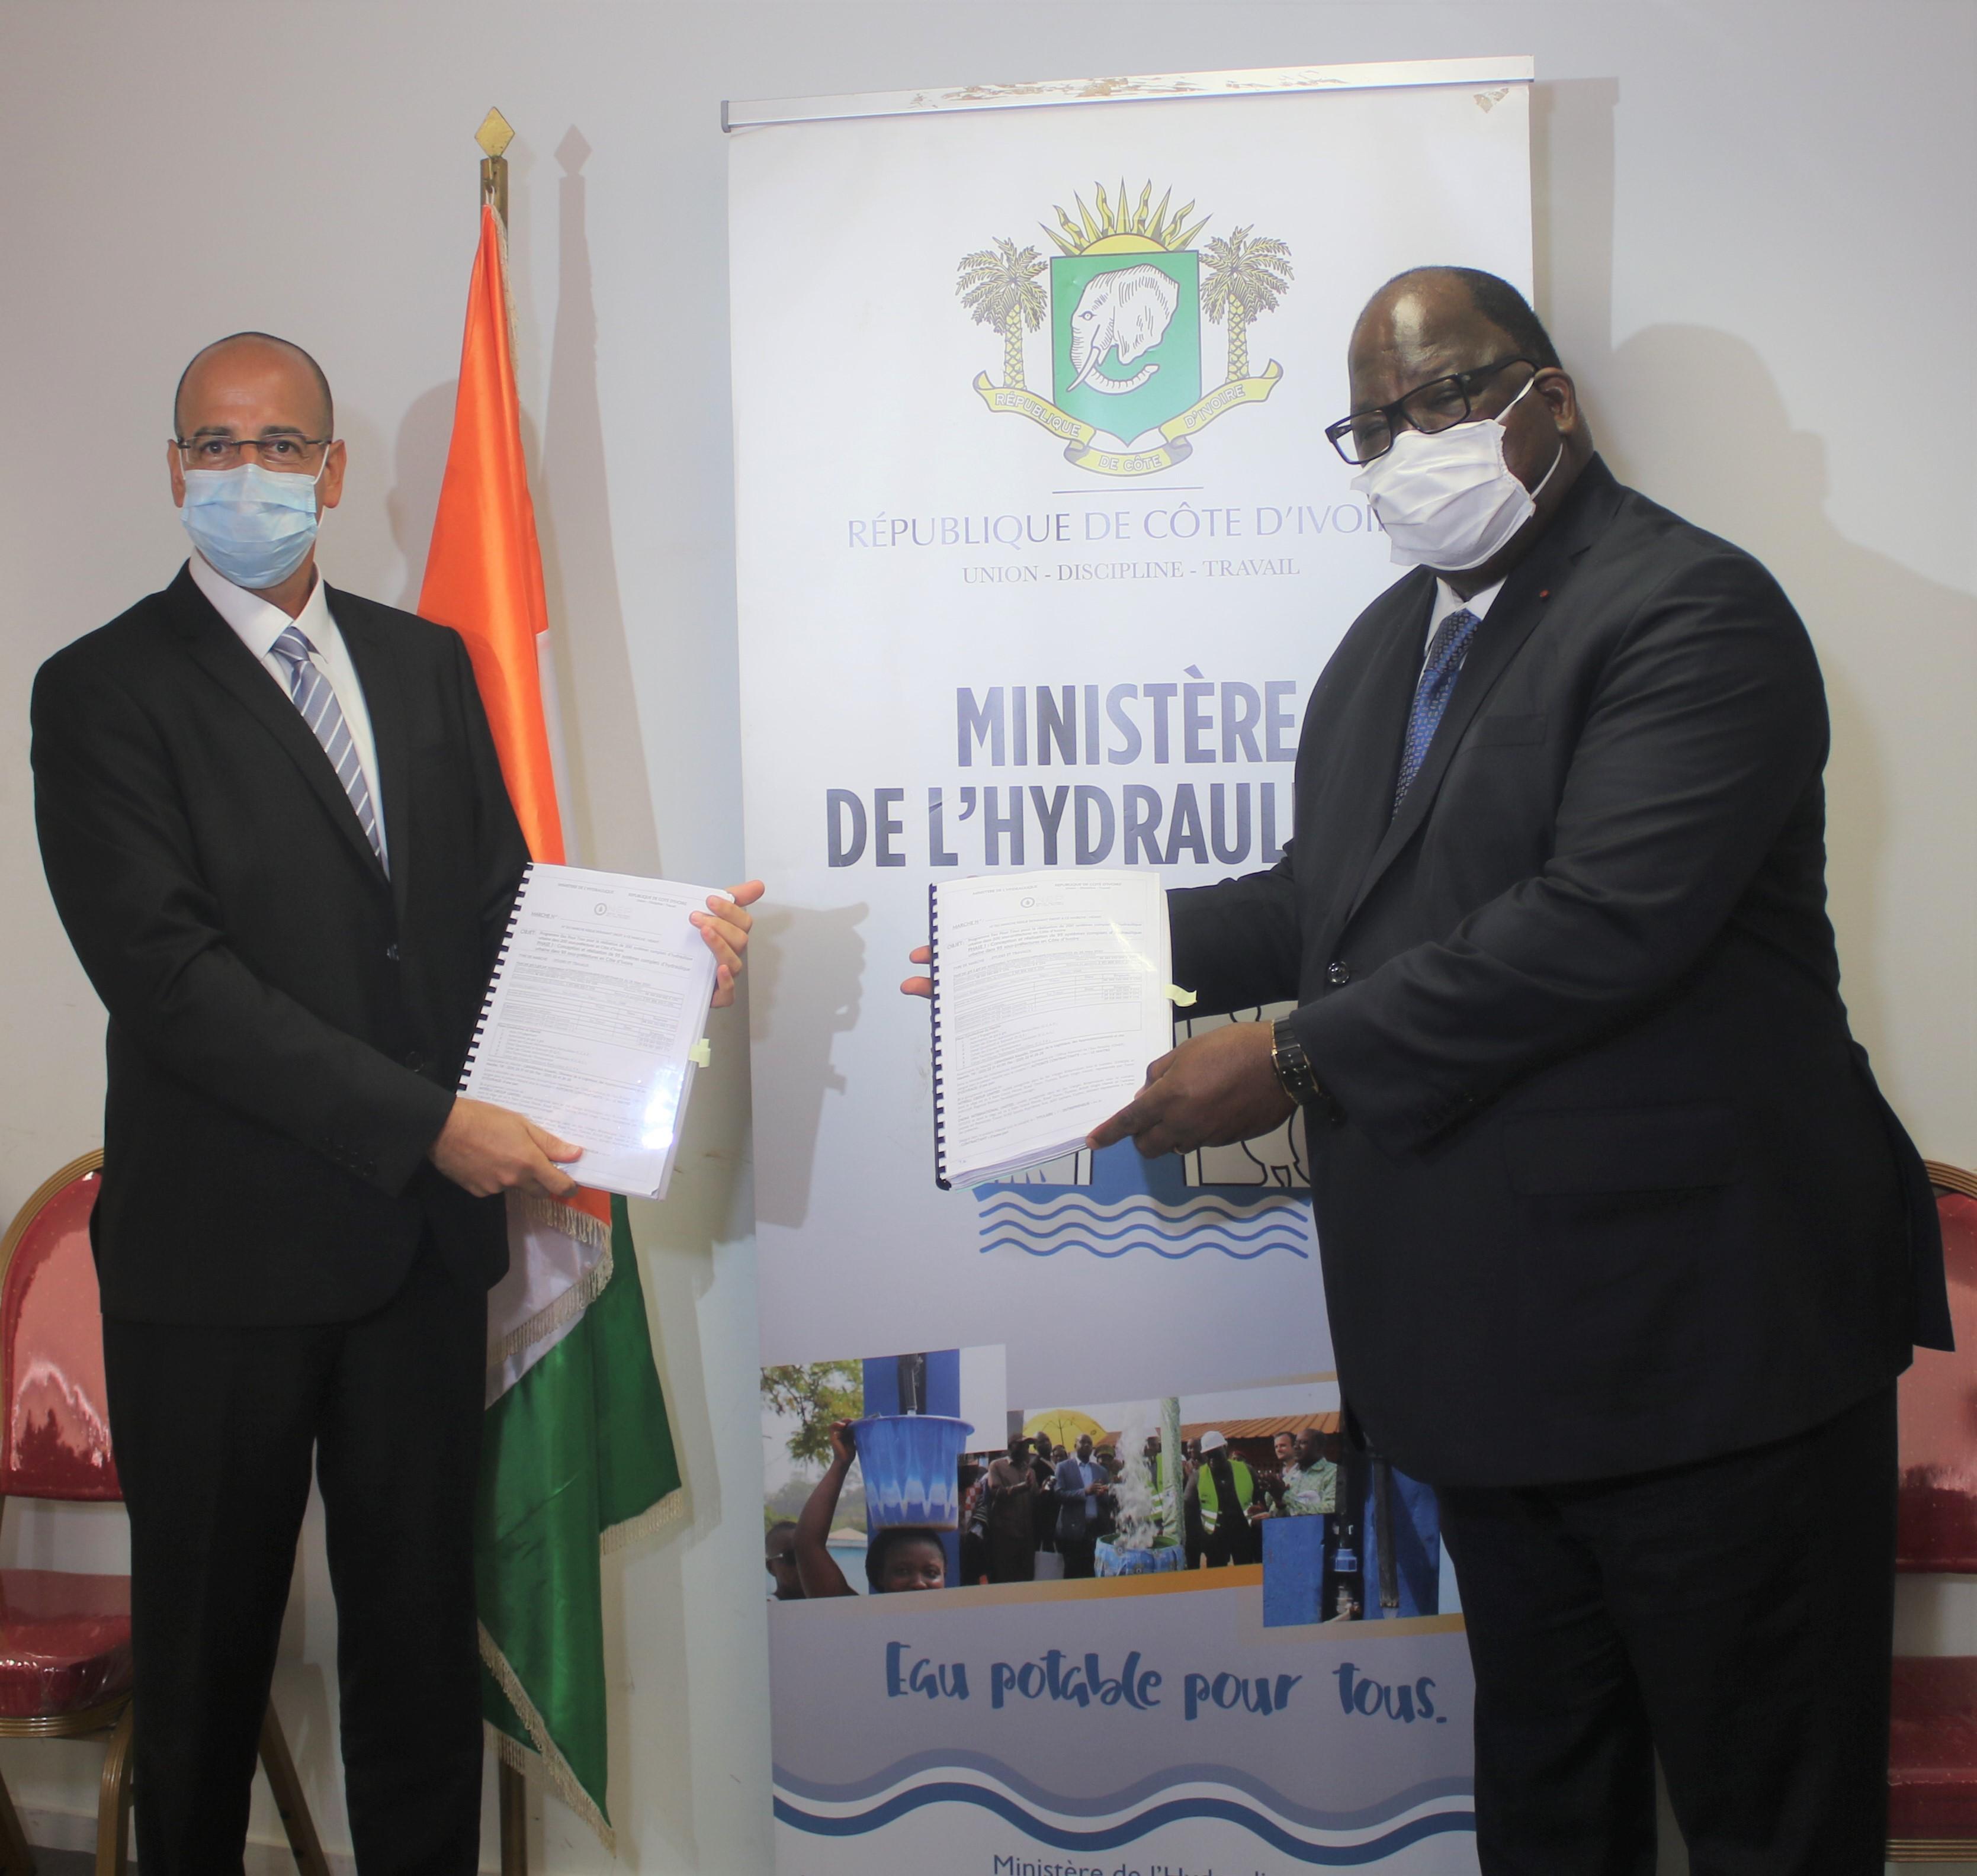 Ministère de l'hydraulique, Laurent Tchagba, systèmes d'hydraulique,